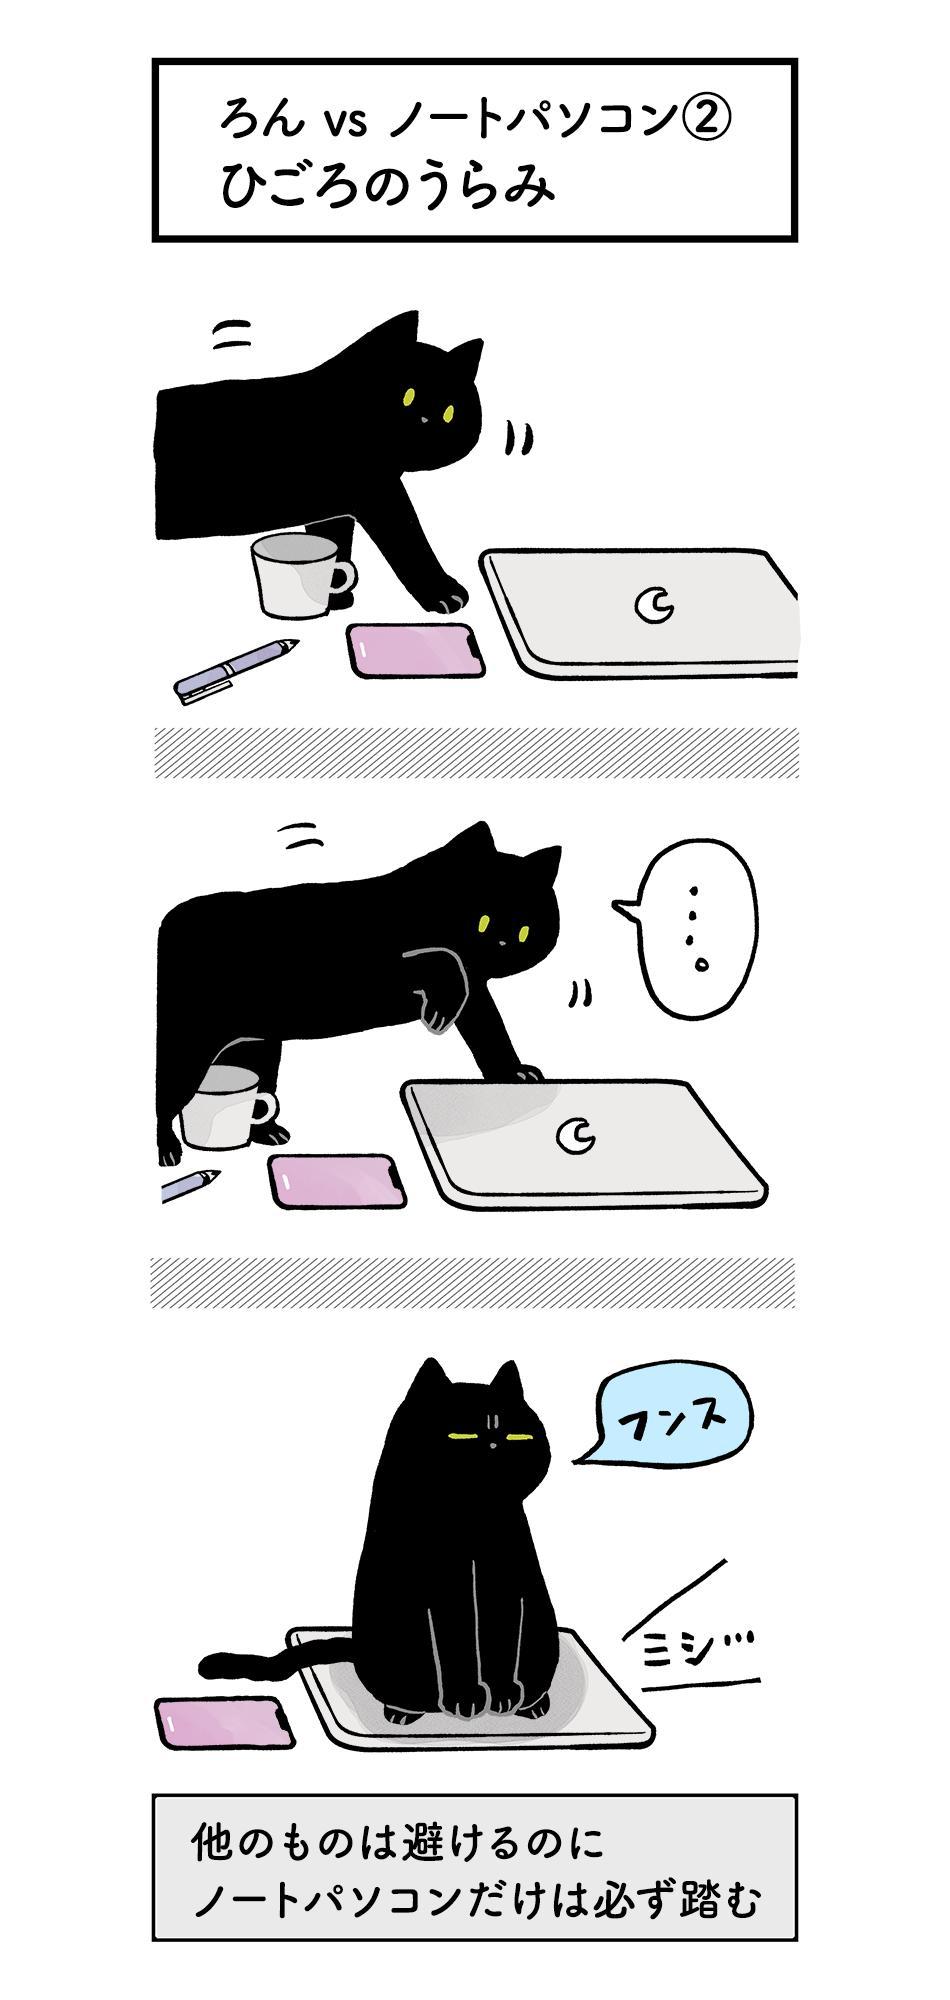 構って欲しい猫ちゃんがキュートすぎ!でもノートパソコンだけは踏まないでねwww